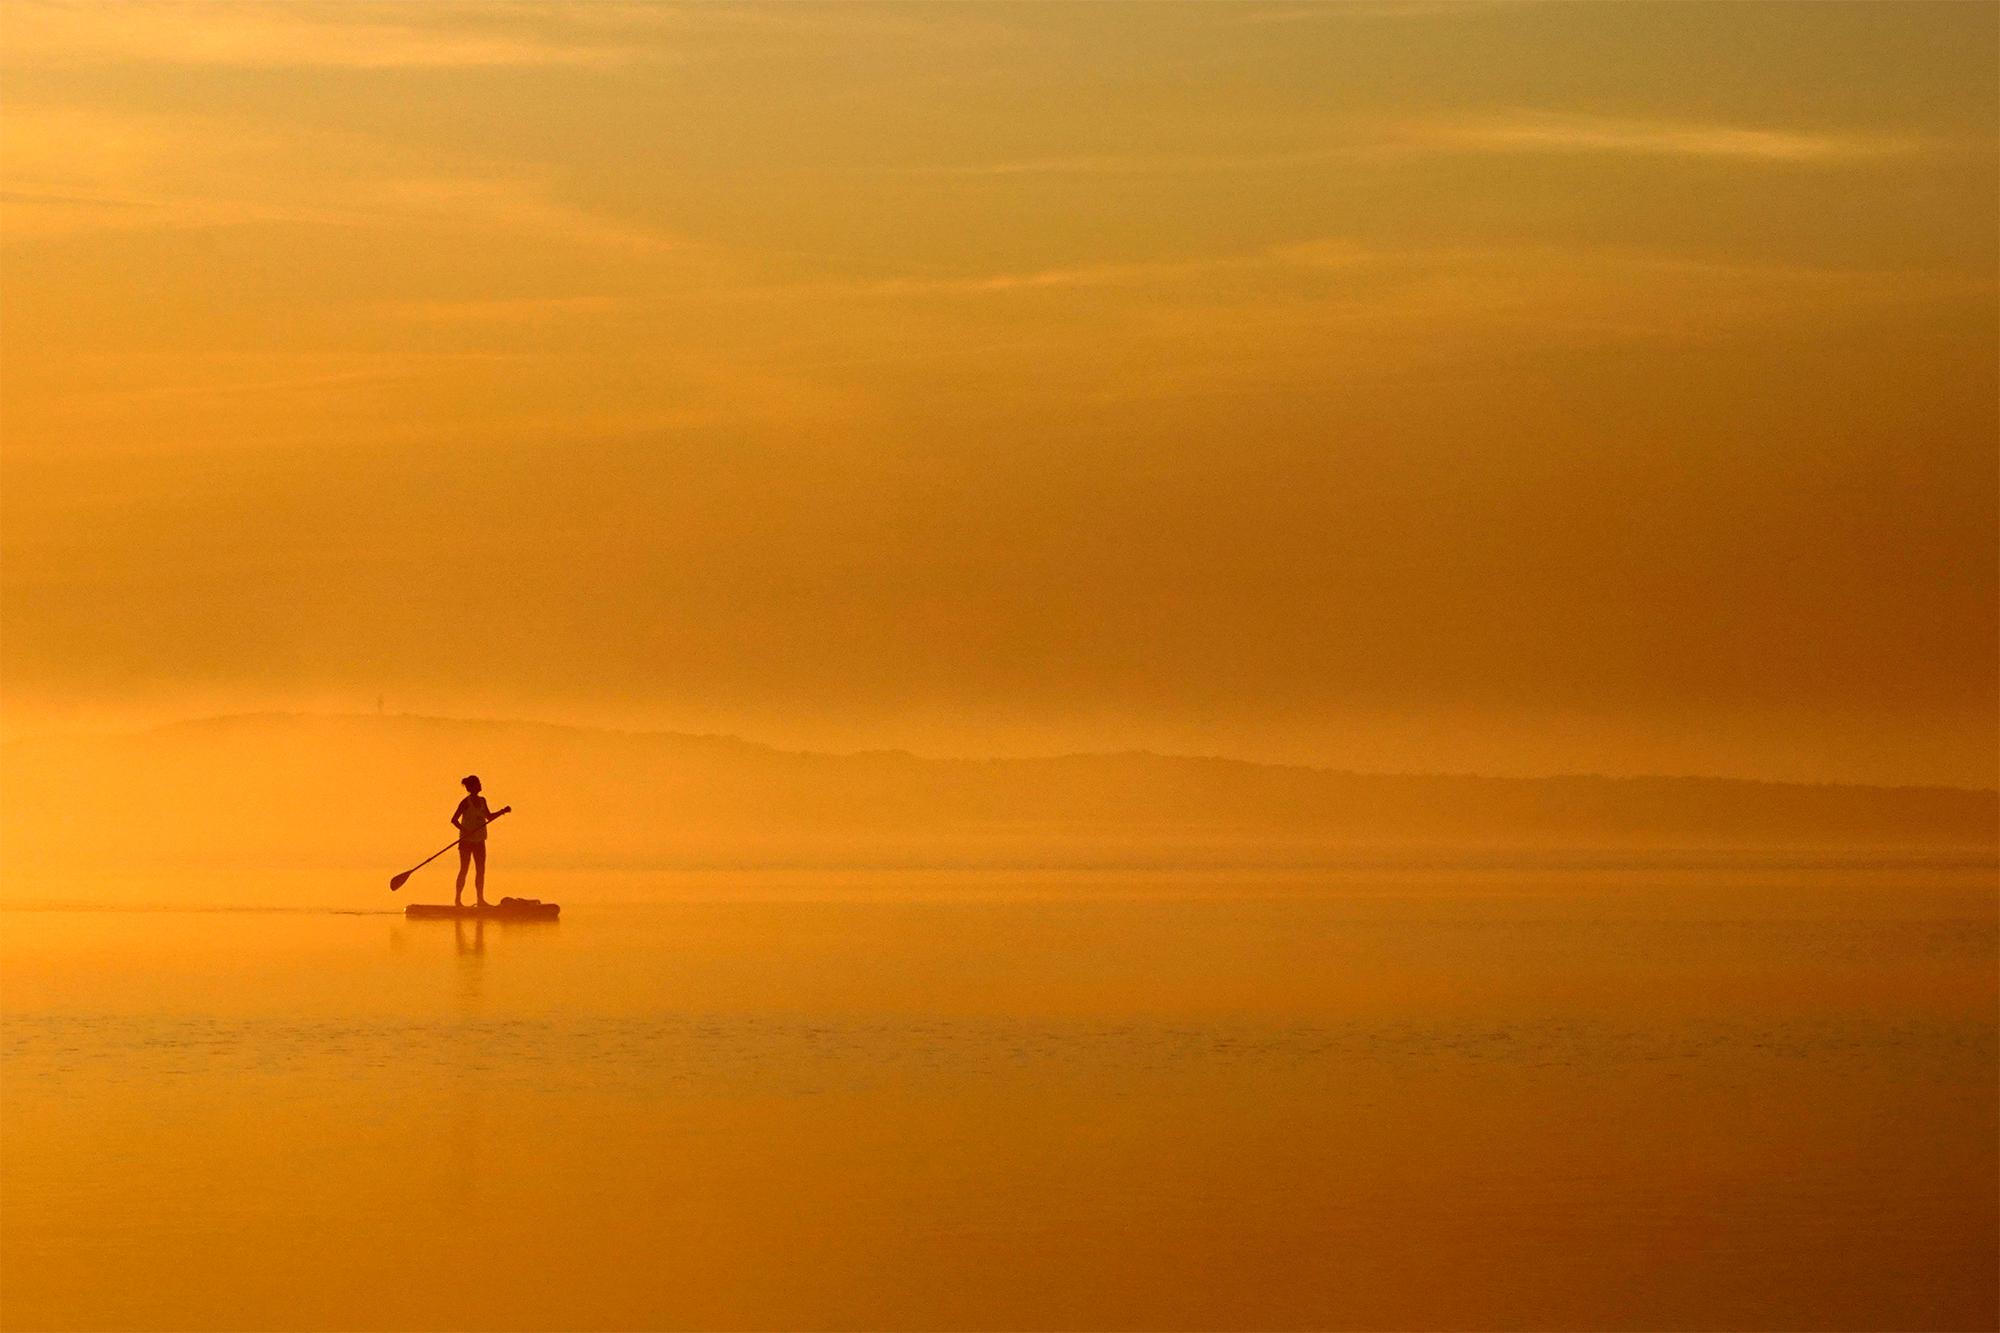 Stand Up Paddlerin im Morgennebel / Leinwand auf Keilrahmen 150 x 100 cm